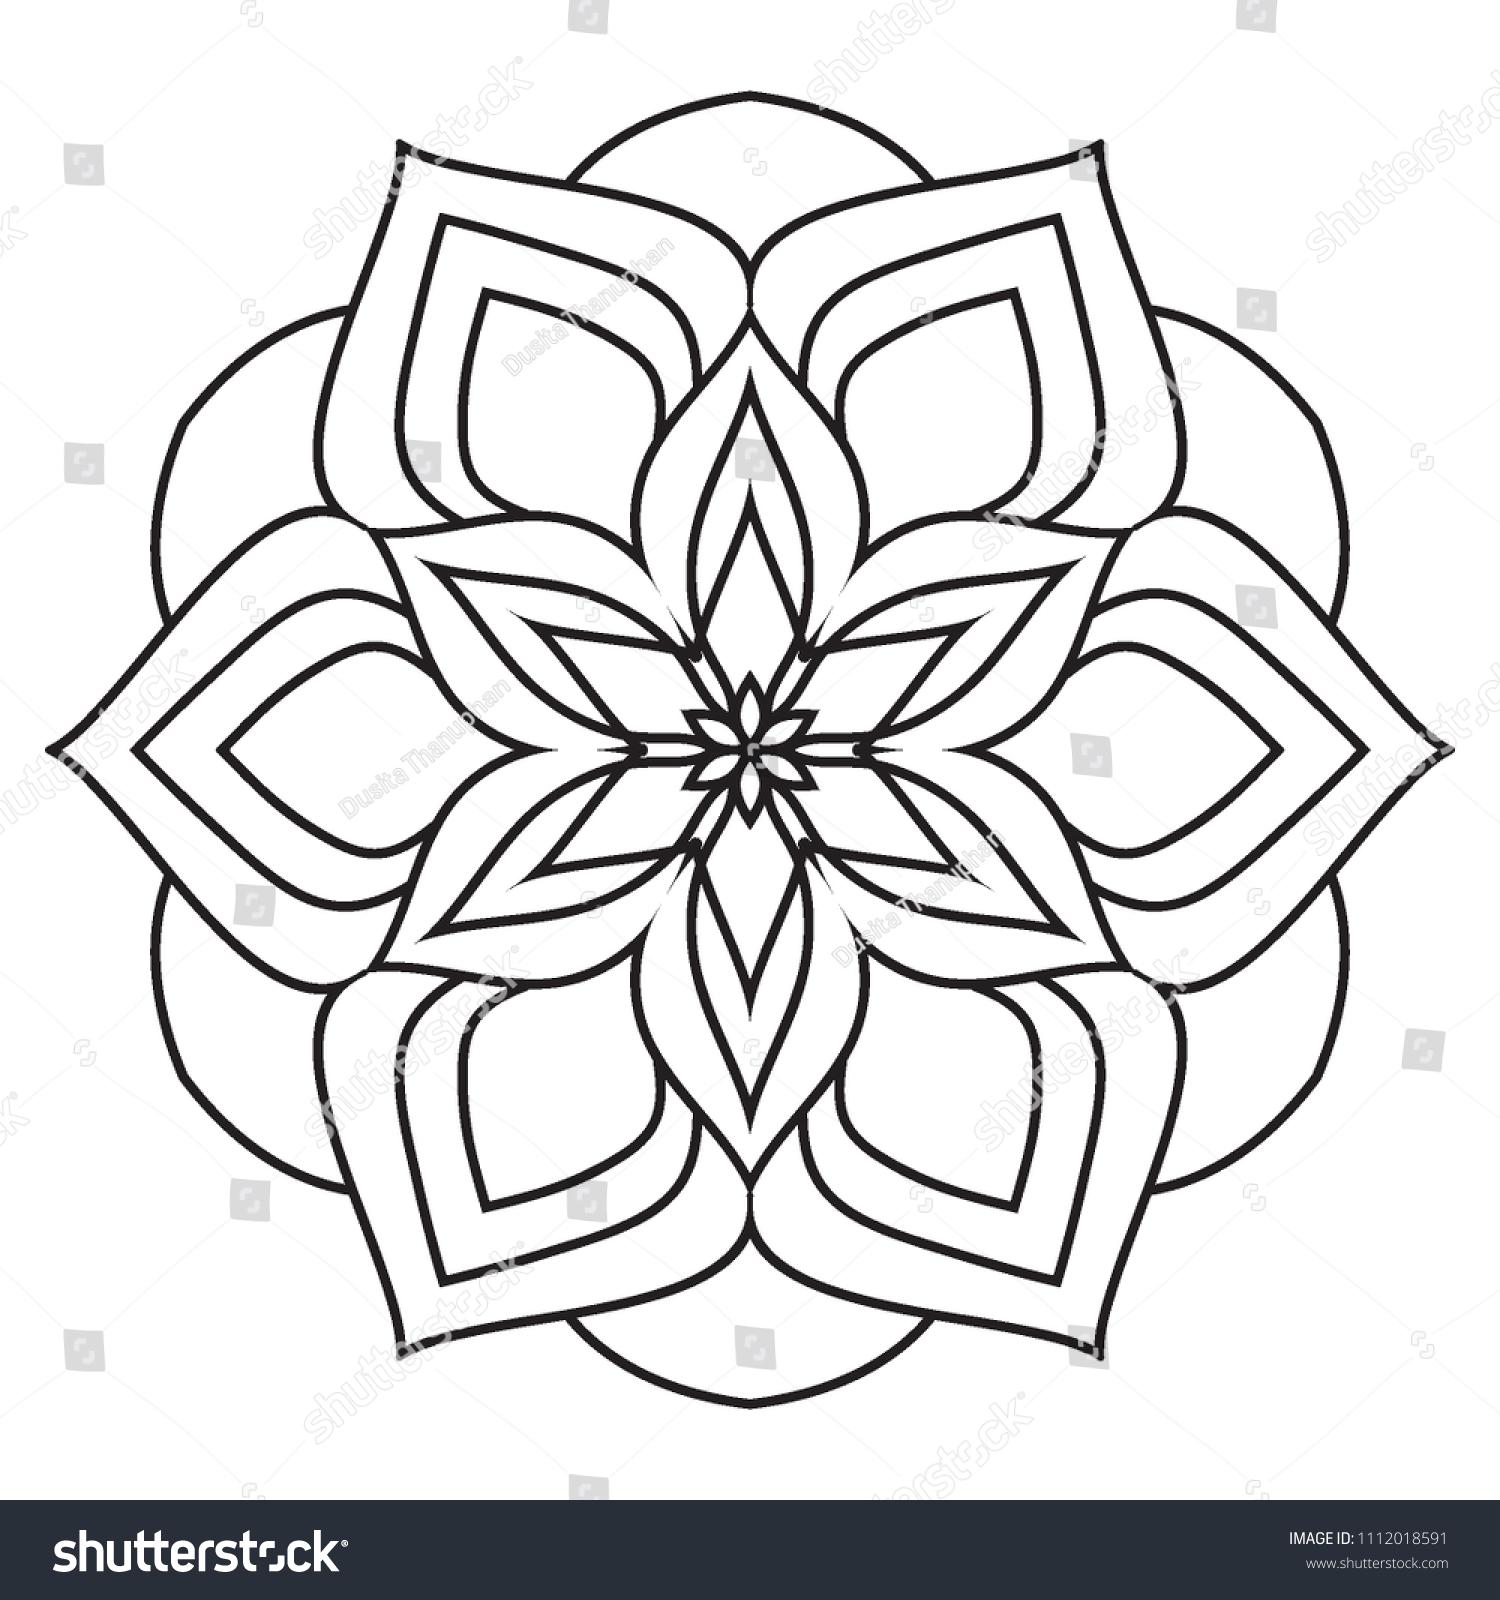 Einfache Mandala Farbung Einfach Und Einfach Stockillustration